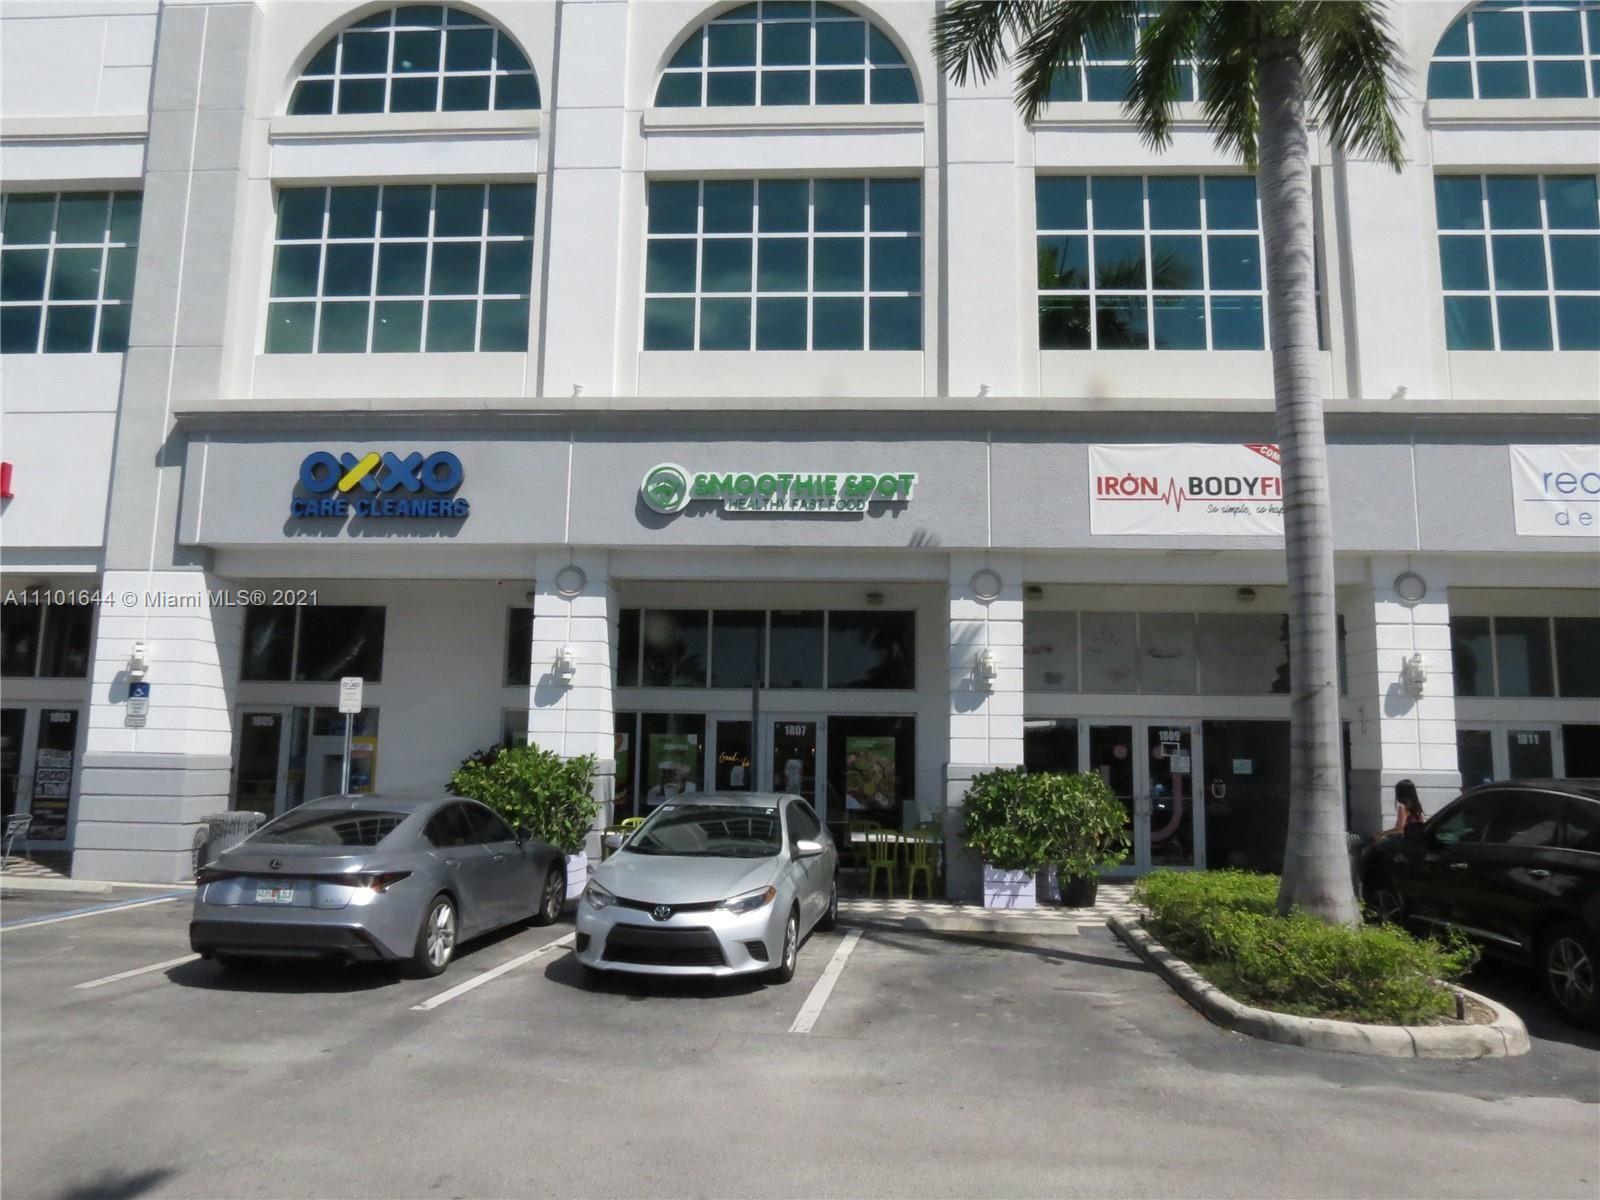 Photo of 1805 NE 123 St, North Miami, FL 33181 (MLS # A11101644)